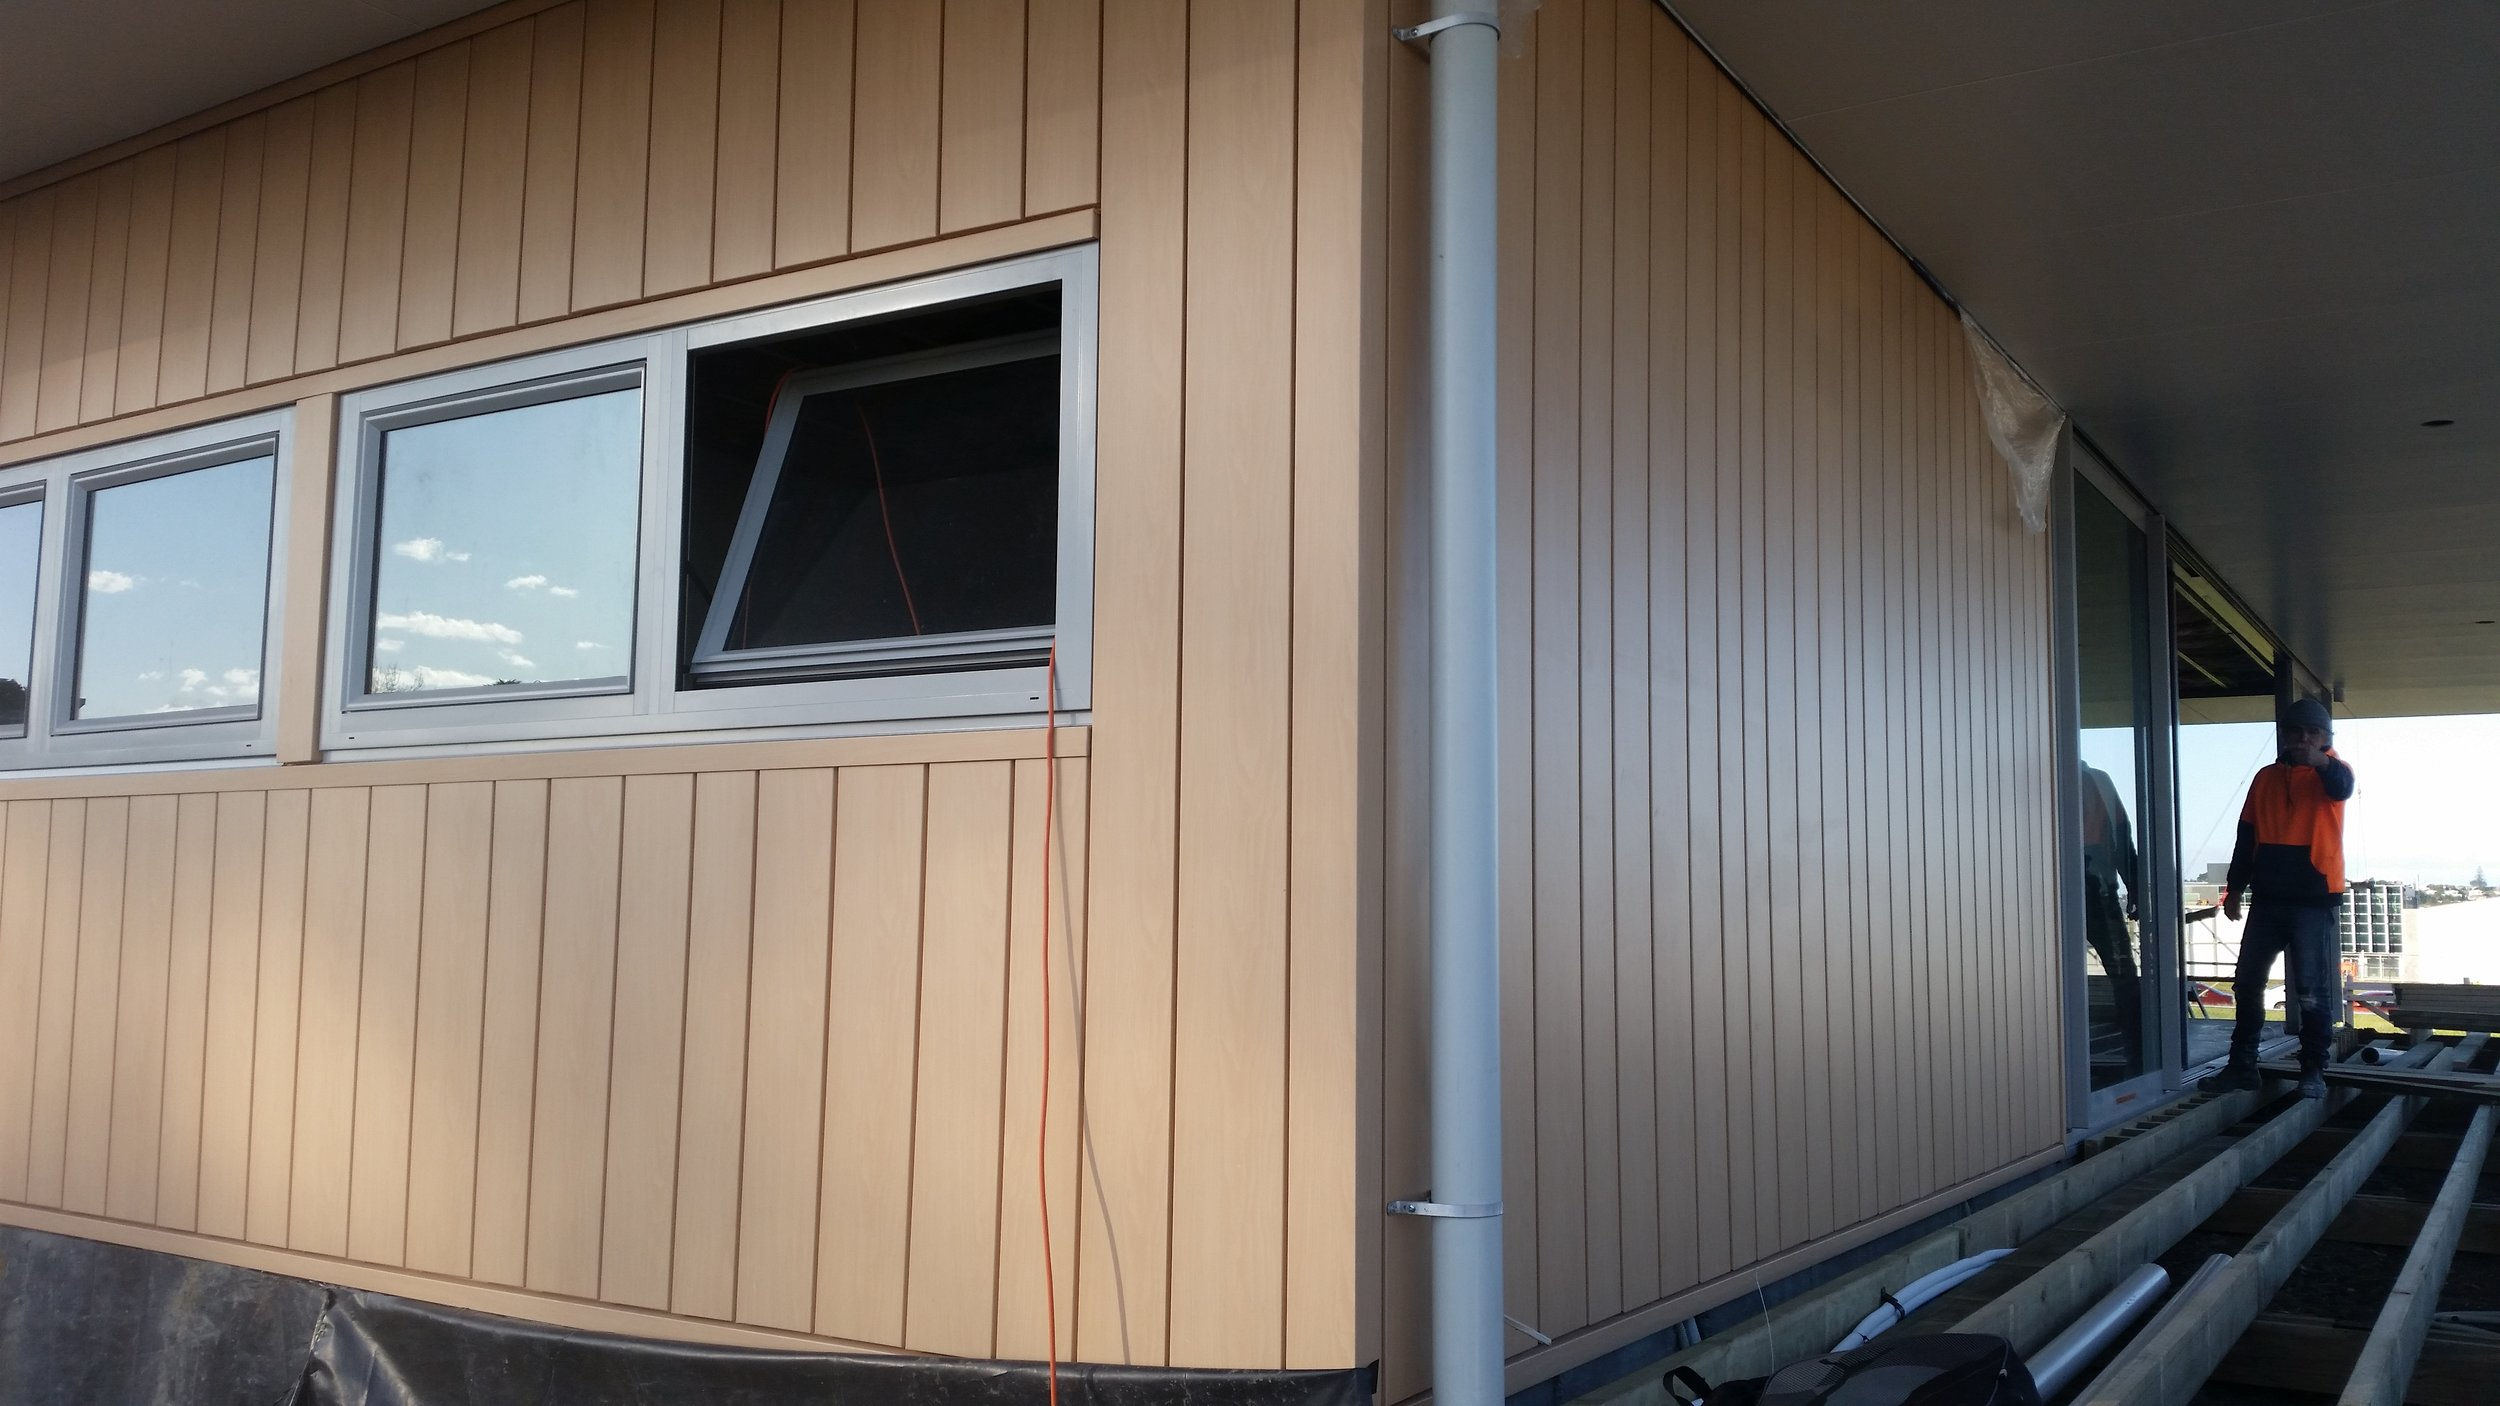 The-Roofing-Store-Steel-Metal-Interlocking-Panel-Lux-Light-Wood-5.jpg.jpg